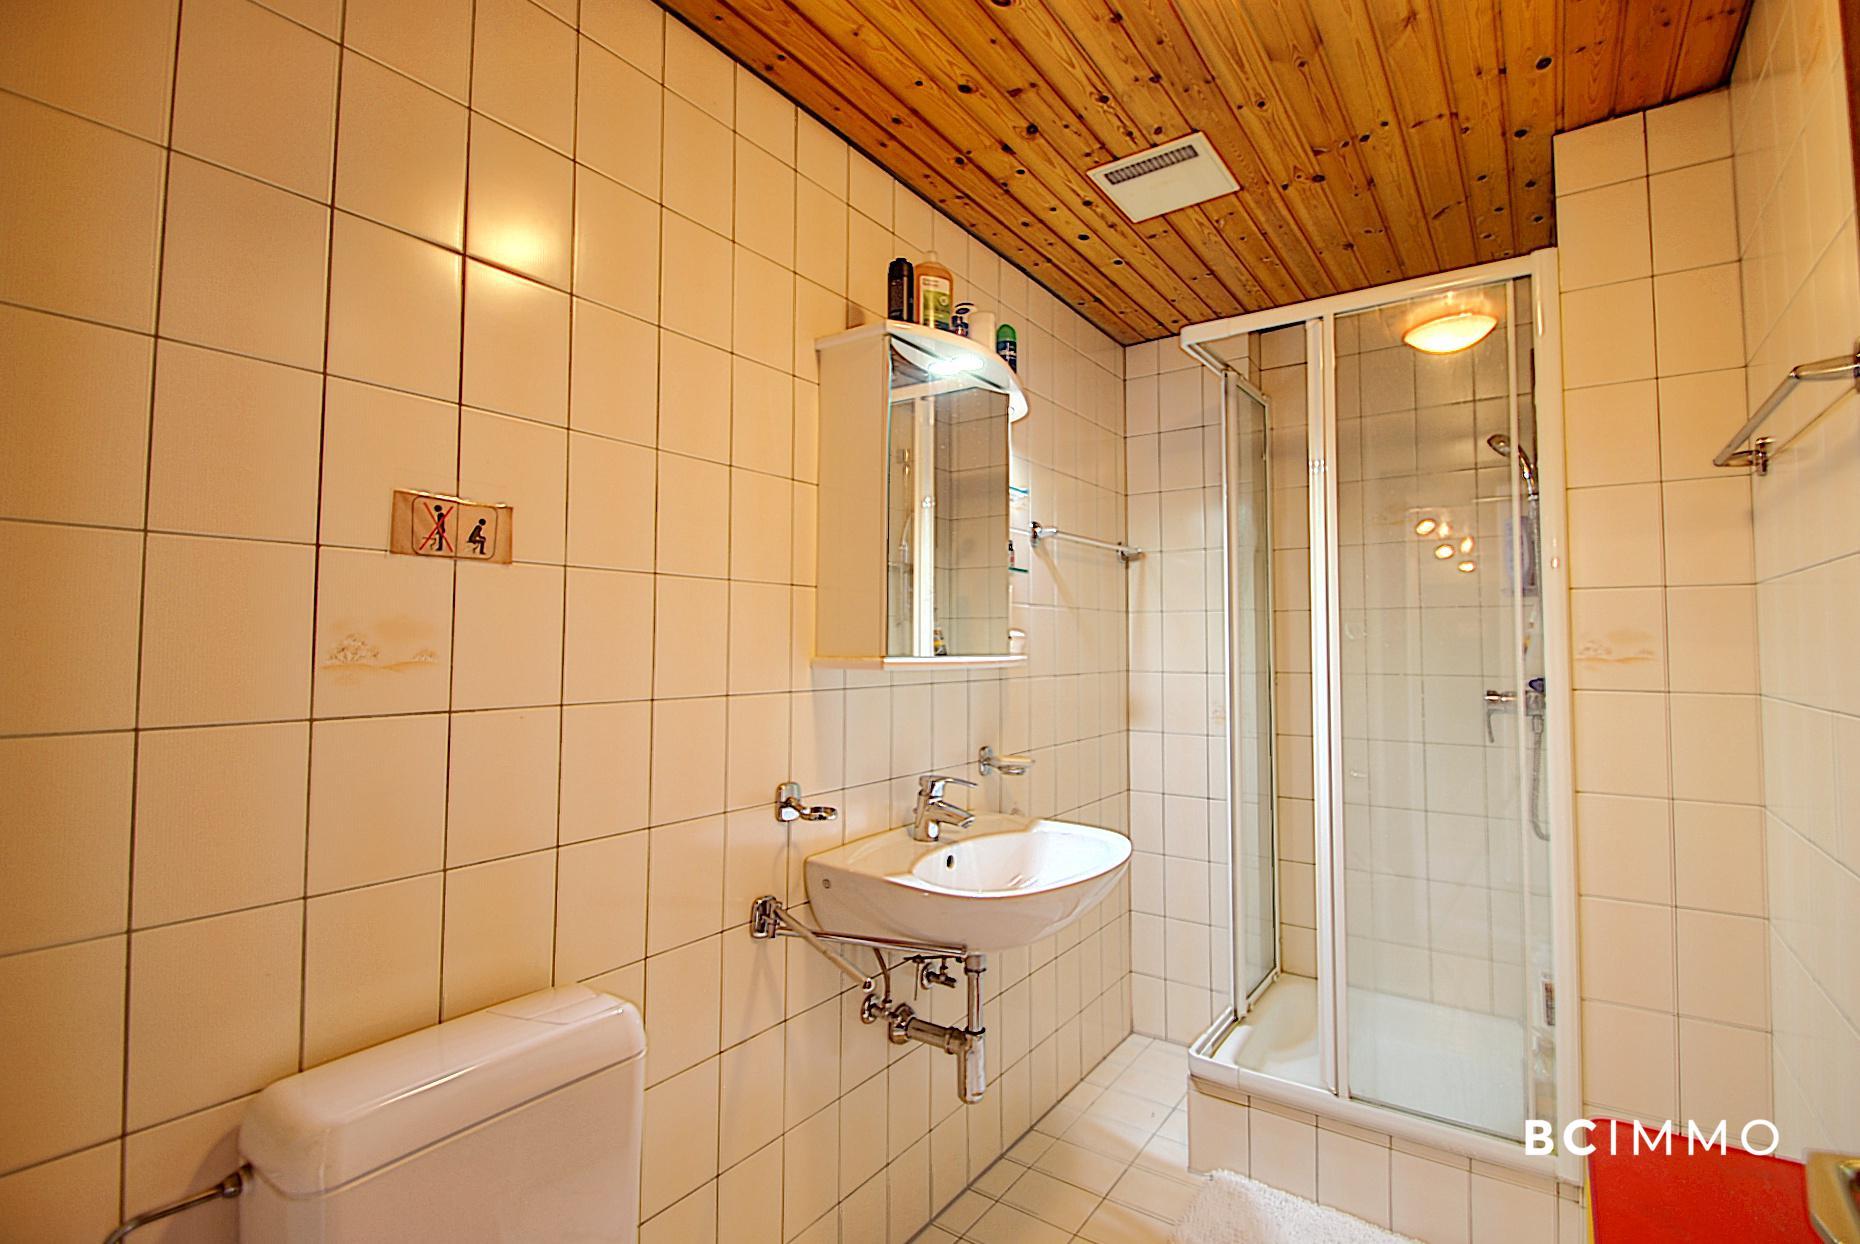 BC Immo - Appartement 4.5 avec charme, cachet et luminosité - 1965LOCDC